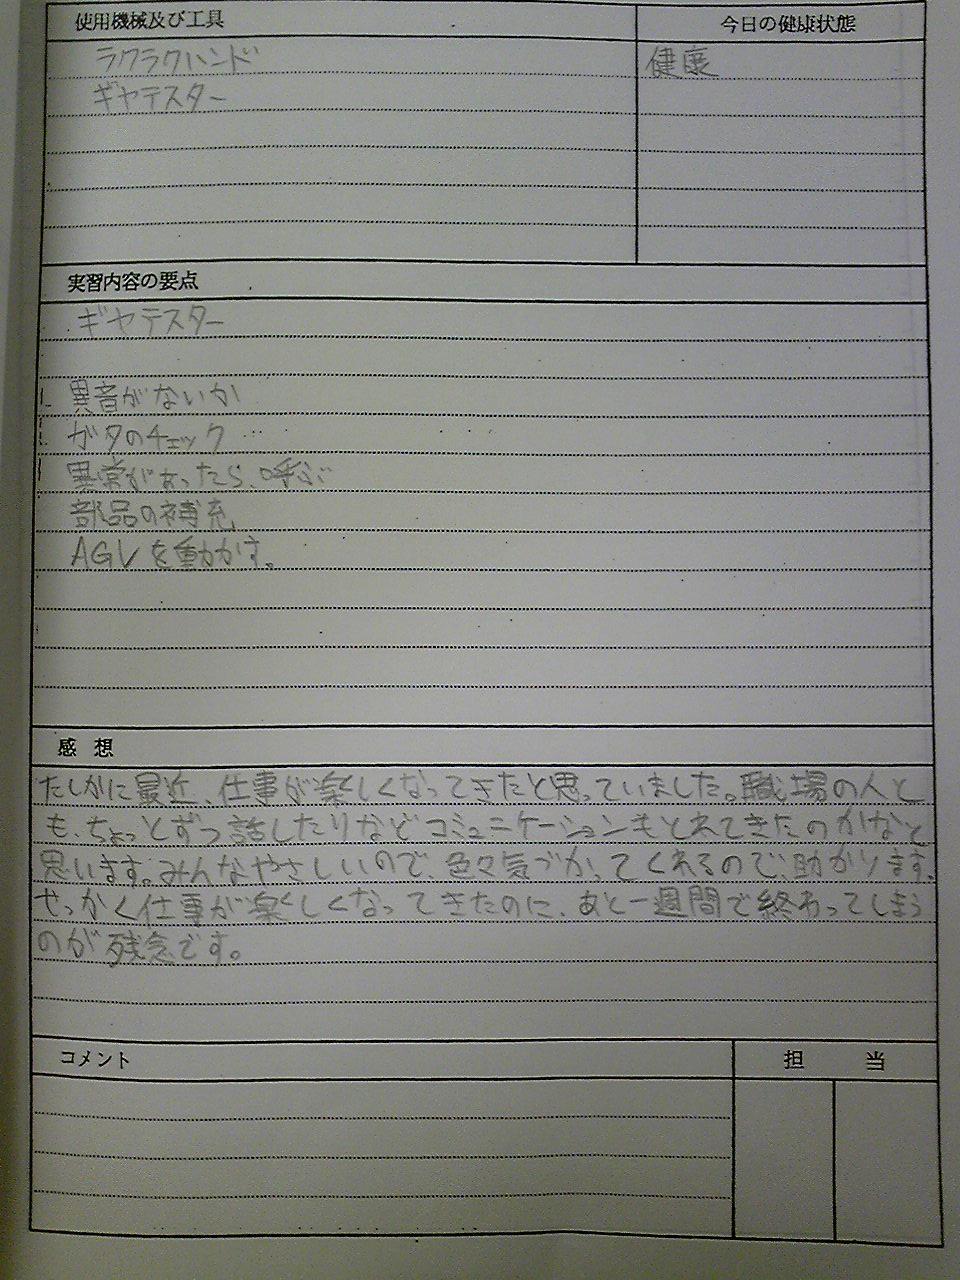 101105_164600.jpg